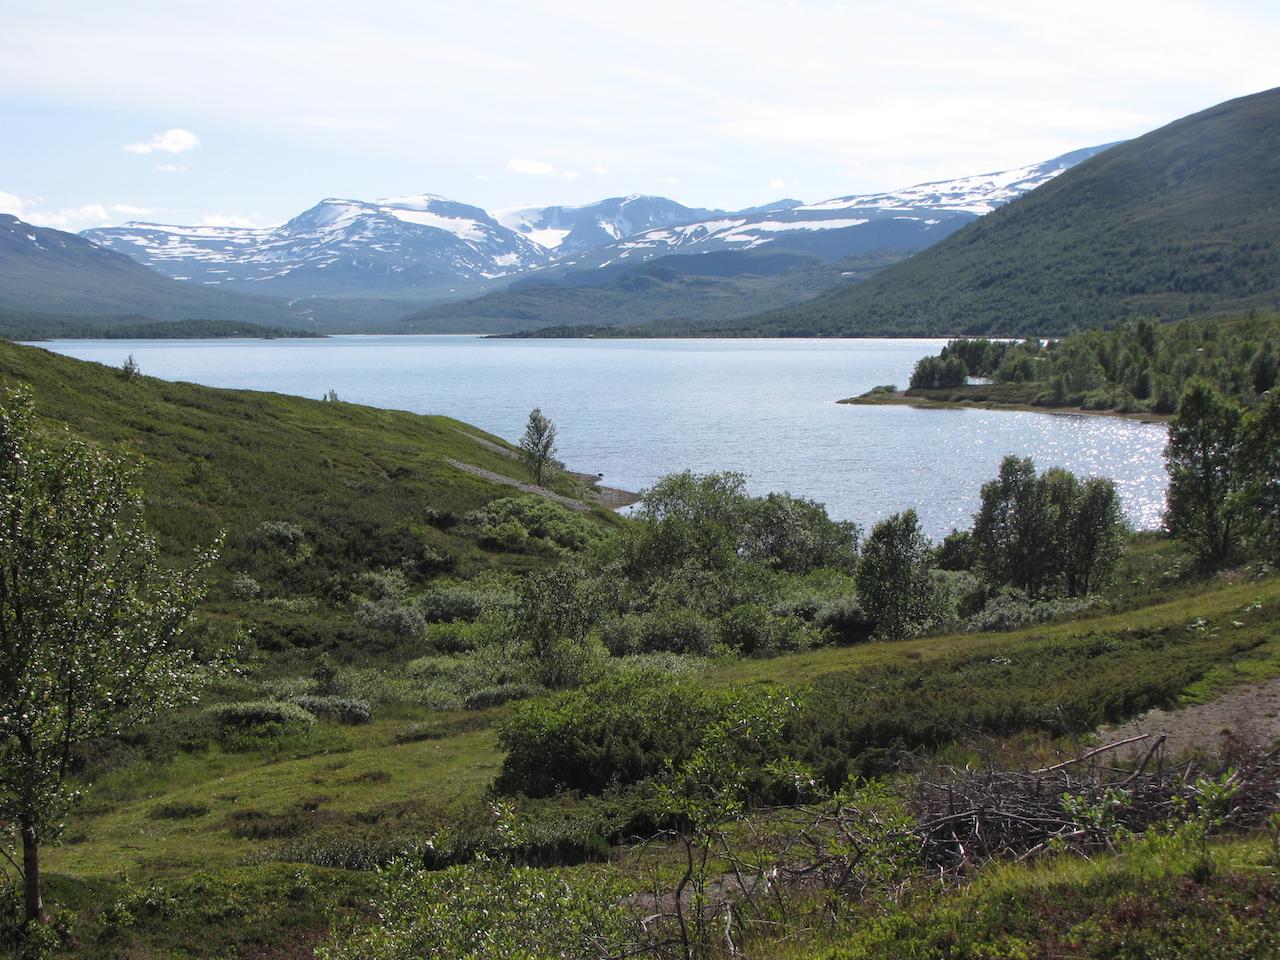 26 juli 2012 Trondheim – Beitostolen – 61° 14'N 8° 54'E